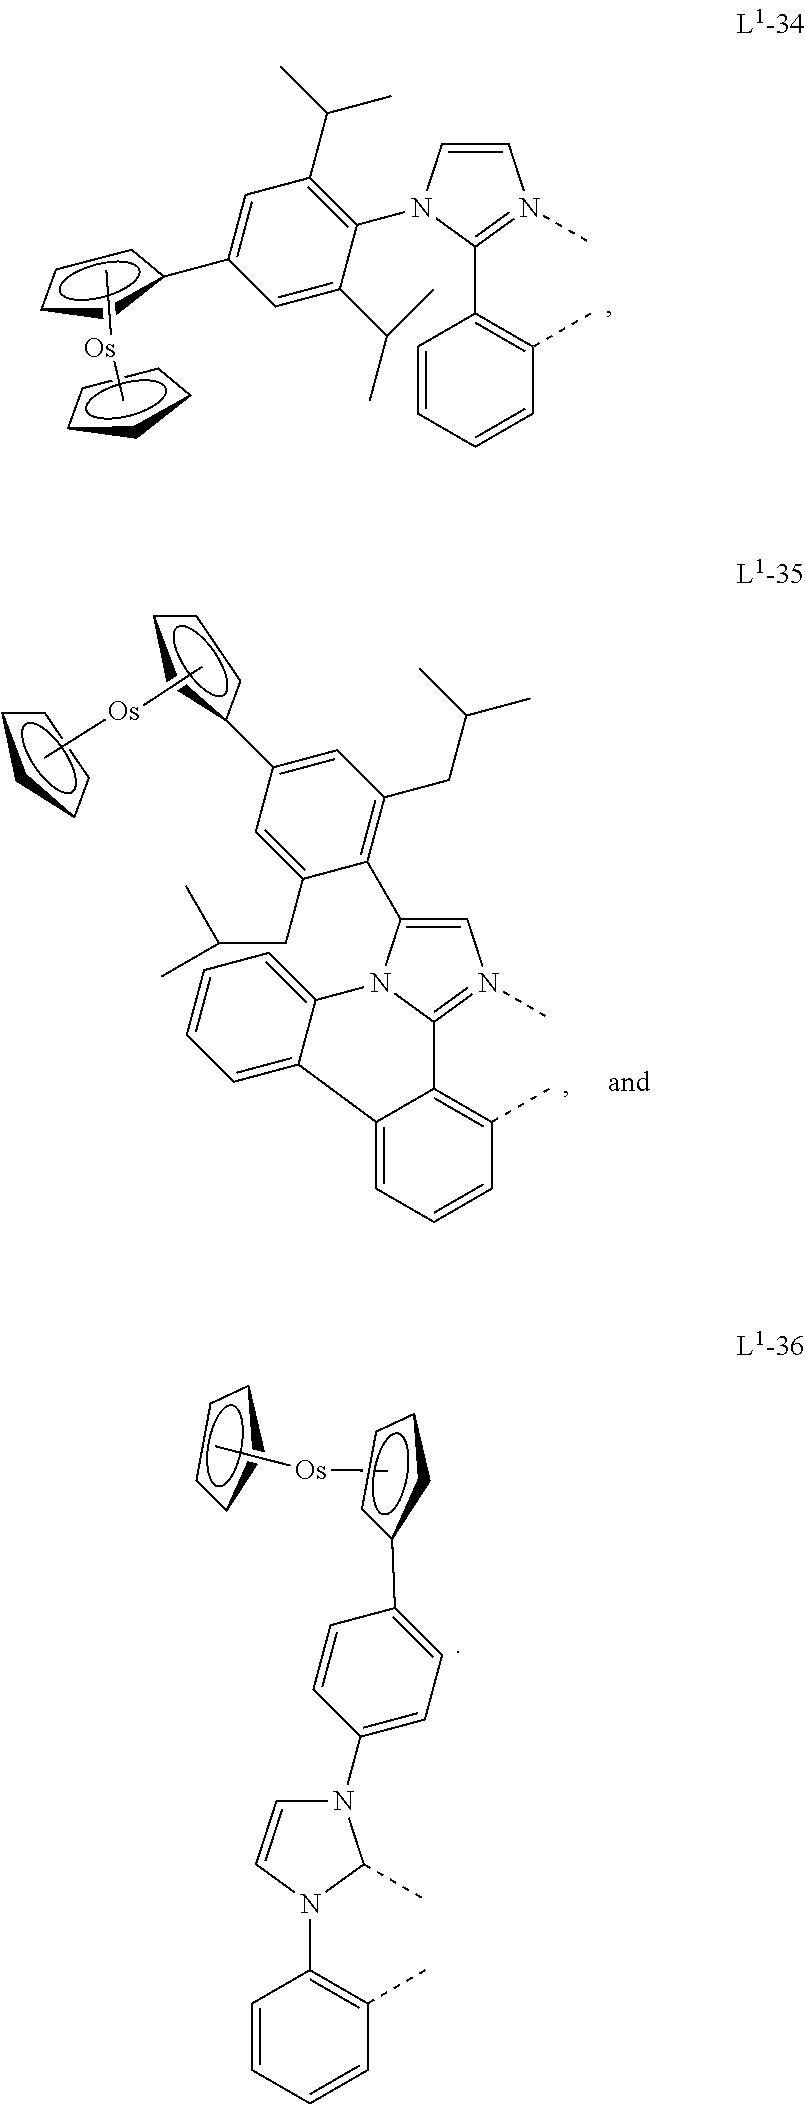 Figure US09450195-20160920-C00022